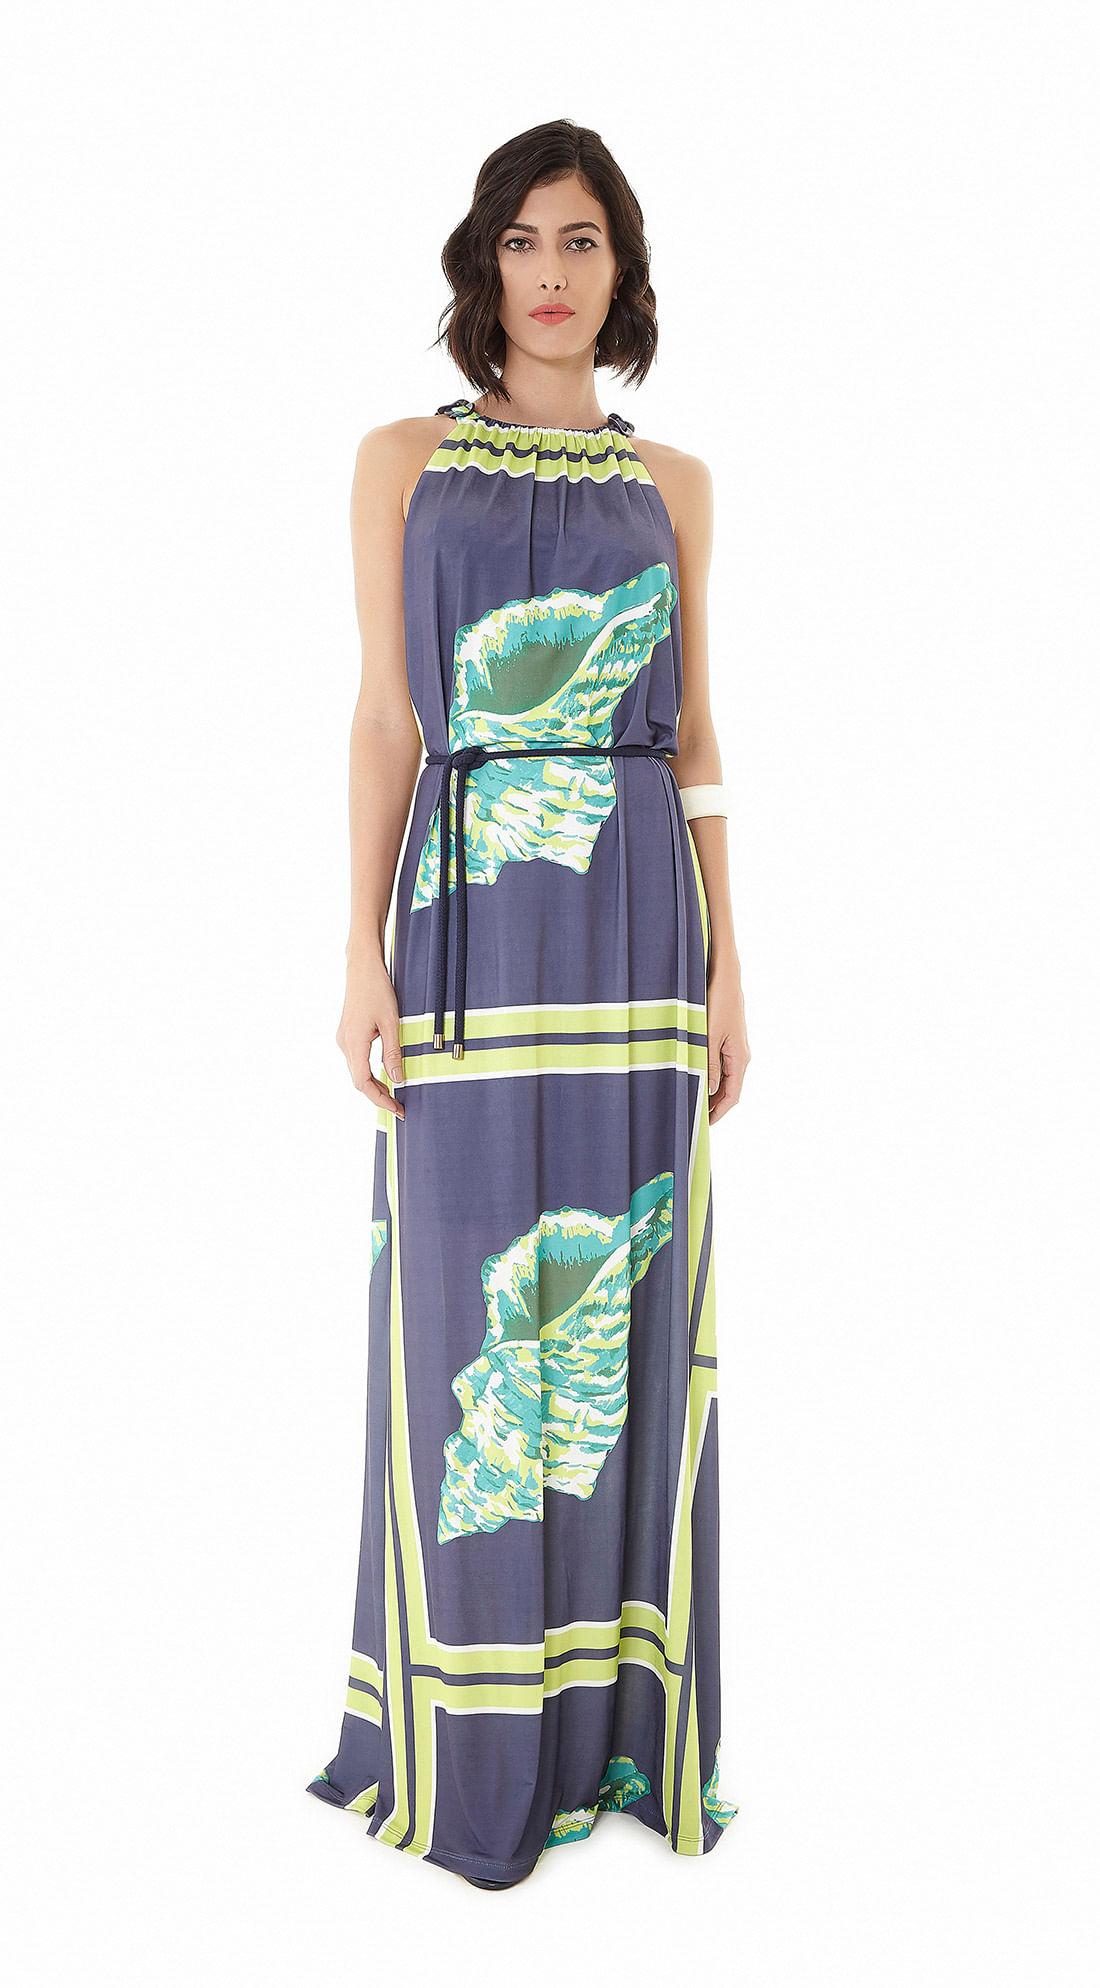 83673d043 Vestido Longo Malha Jersey Estampa Just Shell Com Cinto Azul - Maria ...